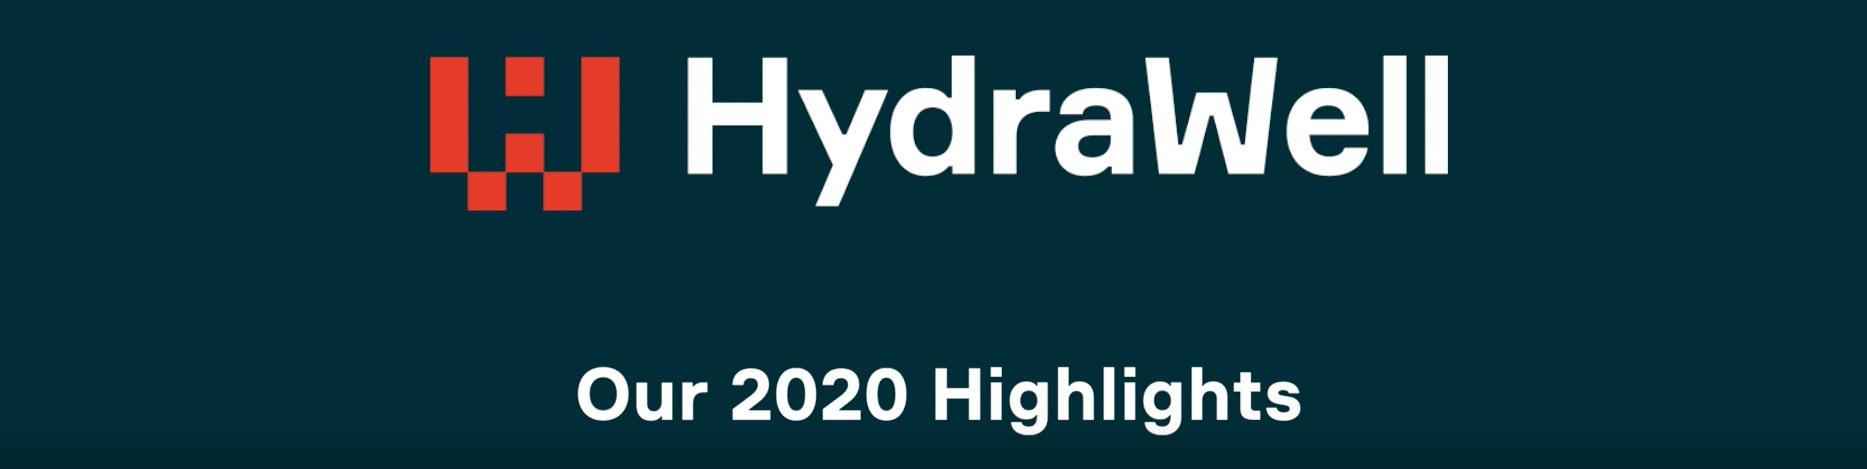 HydraWell 2020 Highlights